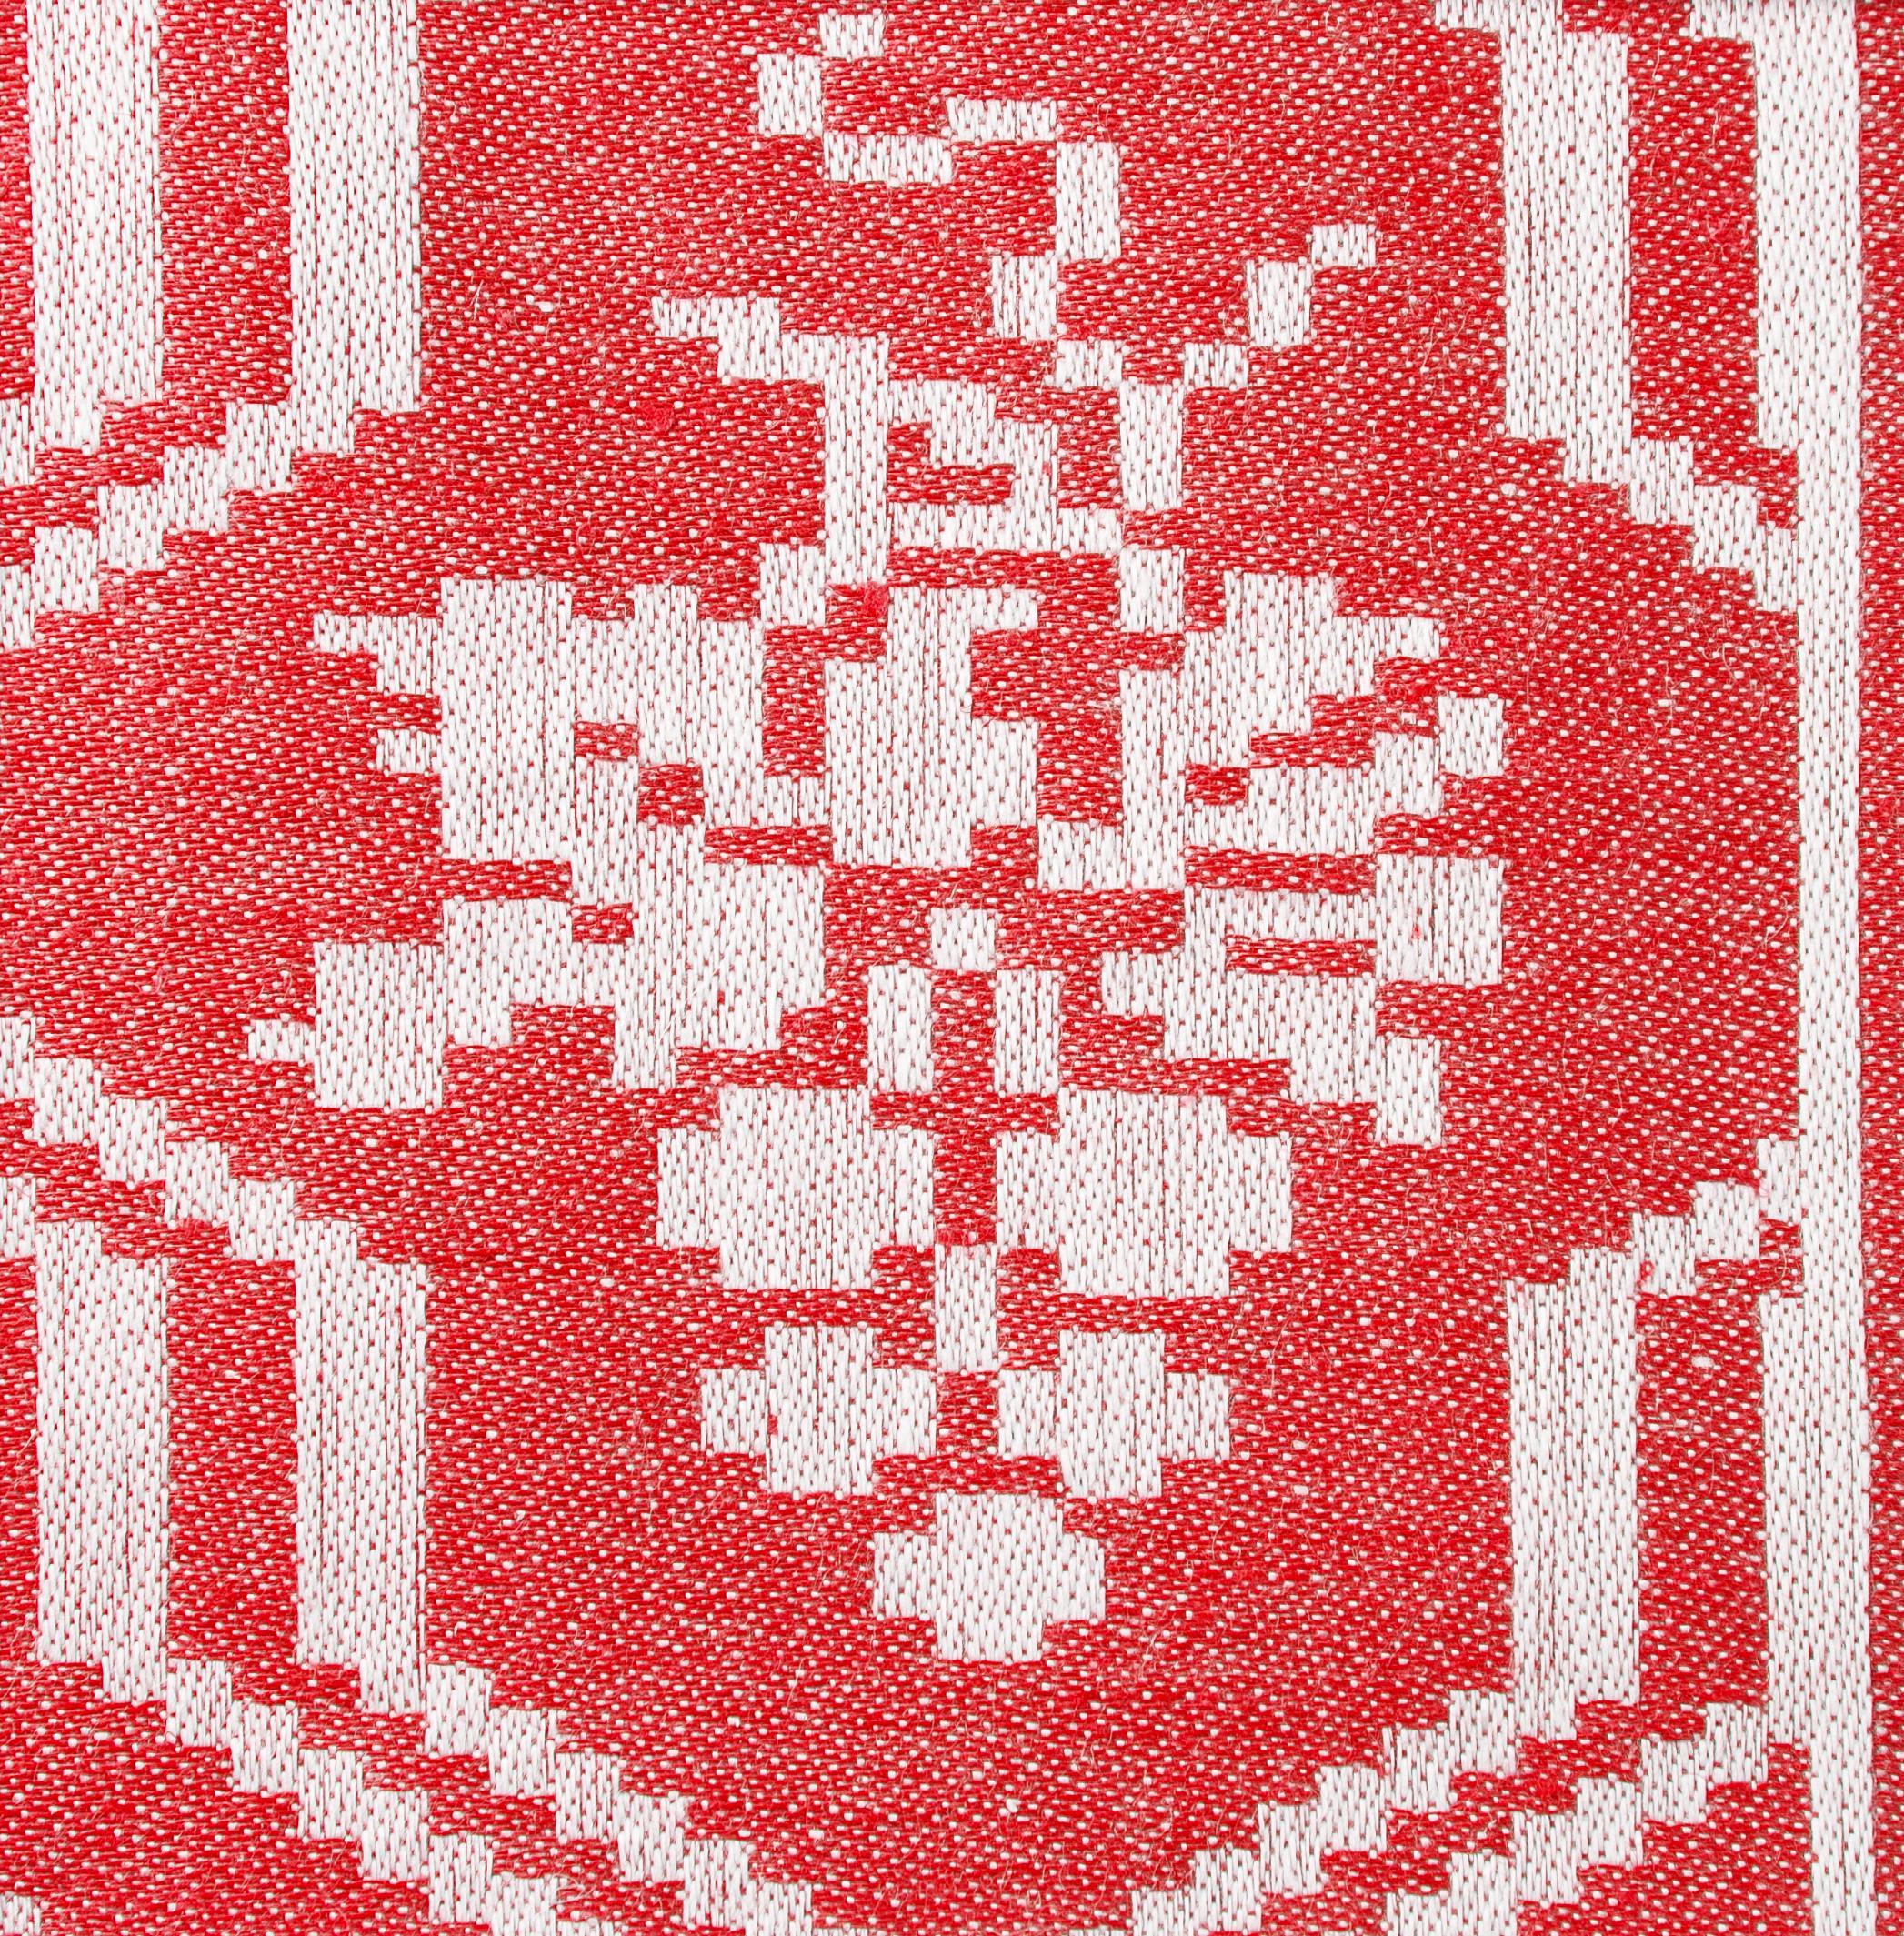 Druvklasen linne duk och servettmöster Klässbols Linneväveri formgiven av Hjalmar Johansson röd